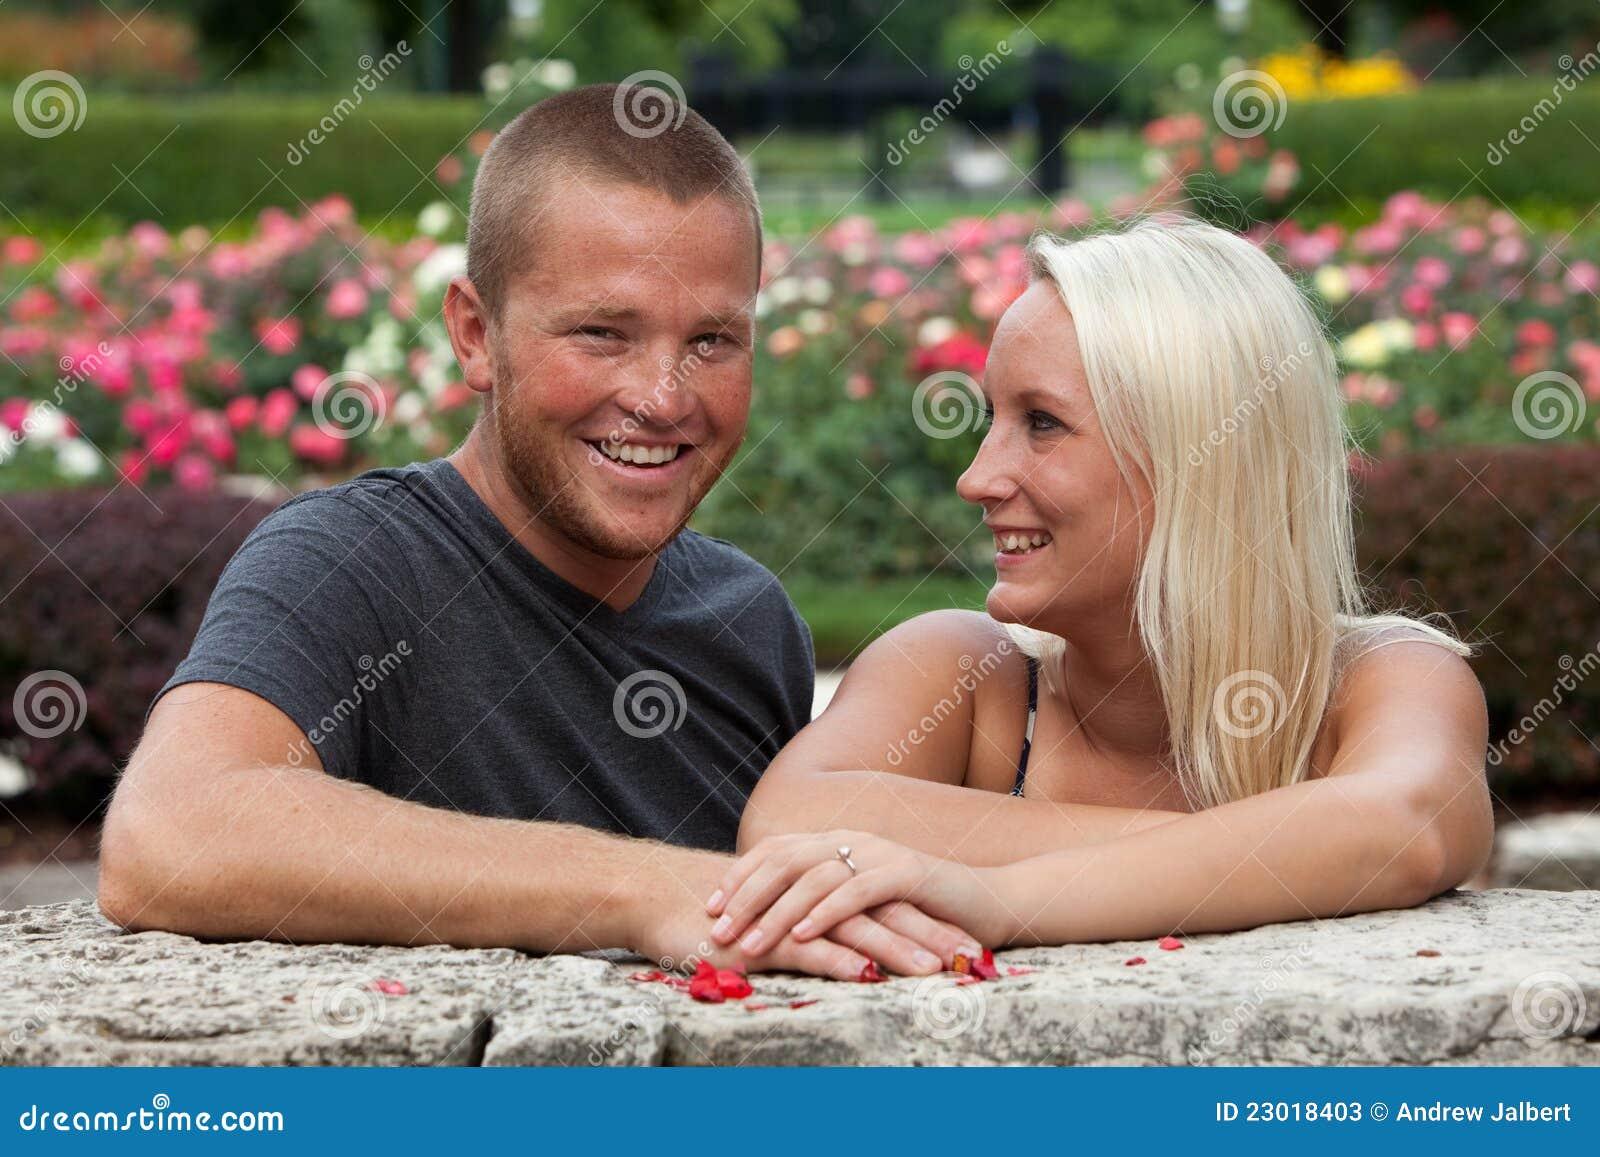 Jeunes couples dans le jardin image stock image 23018403 - Combattre les moustiques dans le jardin ...